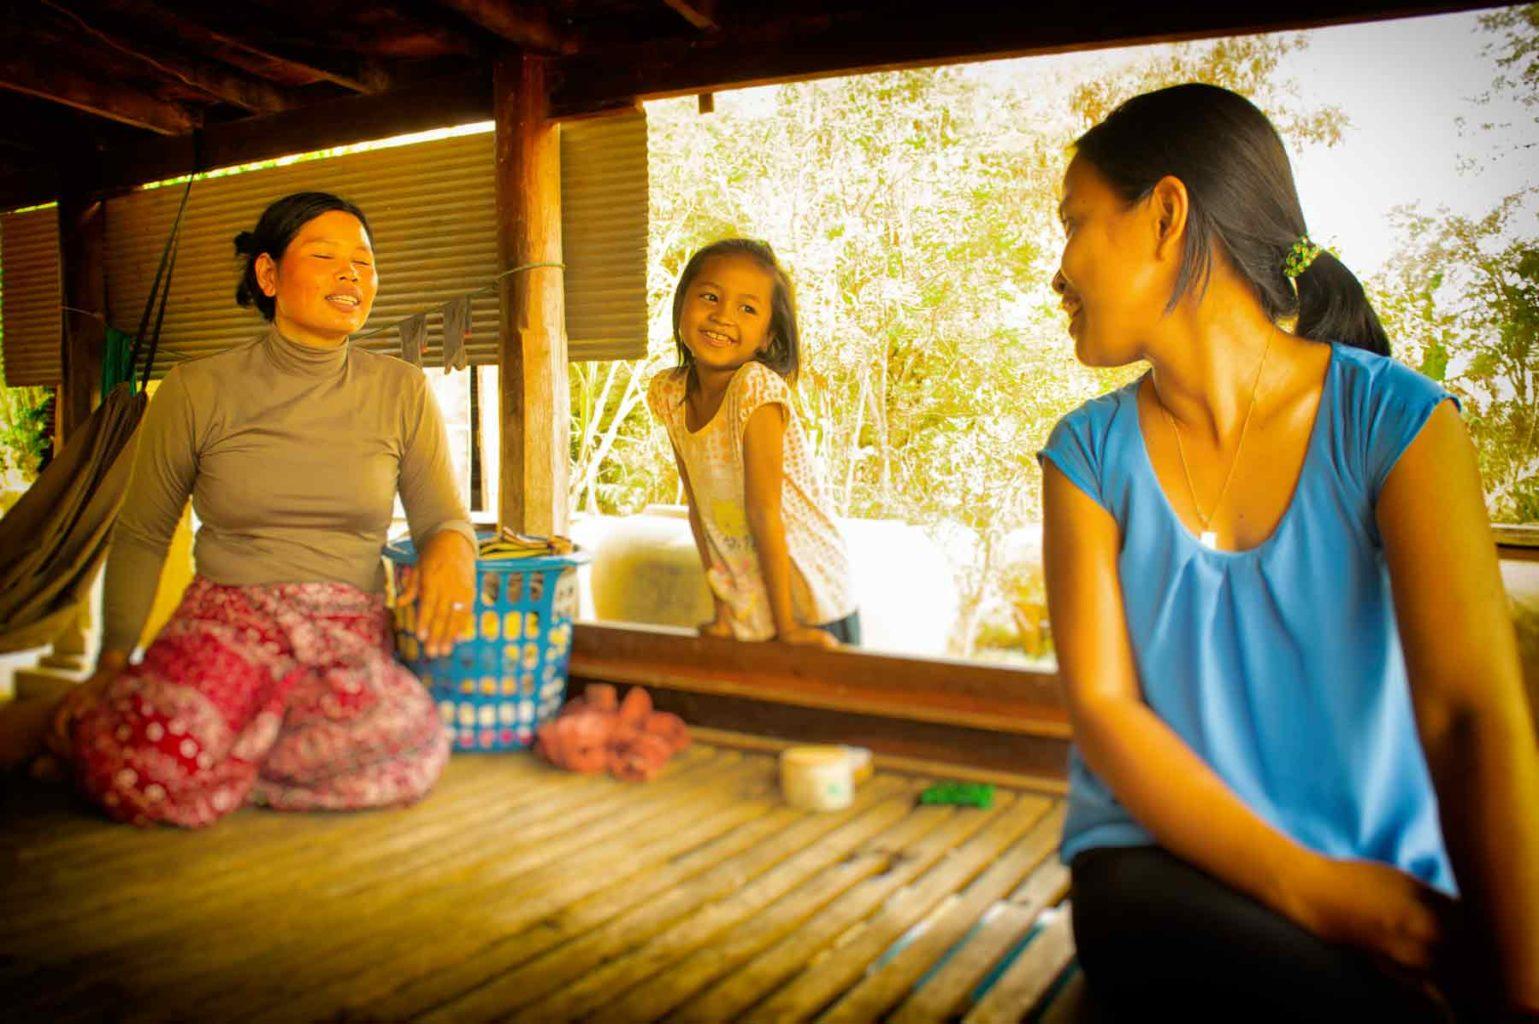 Les mamans de substitution qui vivent et s'occupent des enfants du refuge 24/24 sont des femmes souvent abandonnées qui vivent dans la précarité. Travailler au refuge est un nouveau départ, une nouvelle chance donnée à ces femmes courageuses.